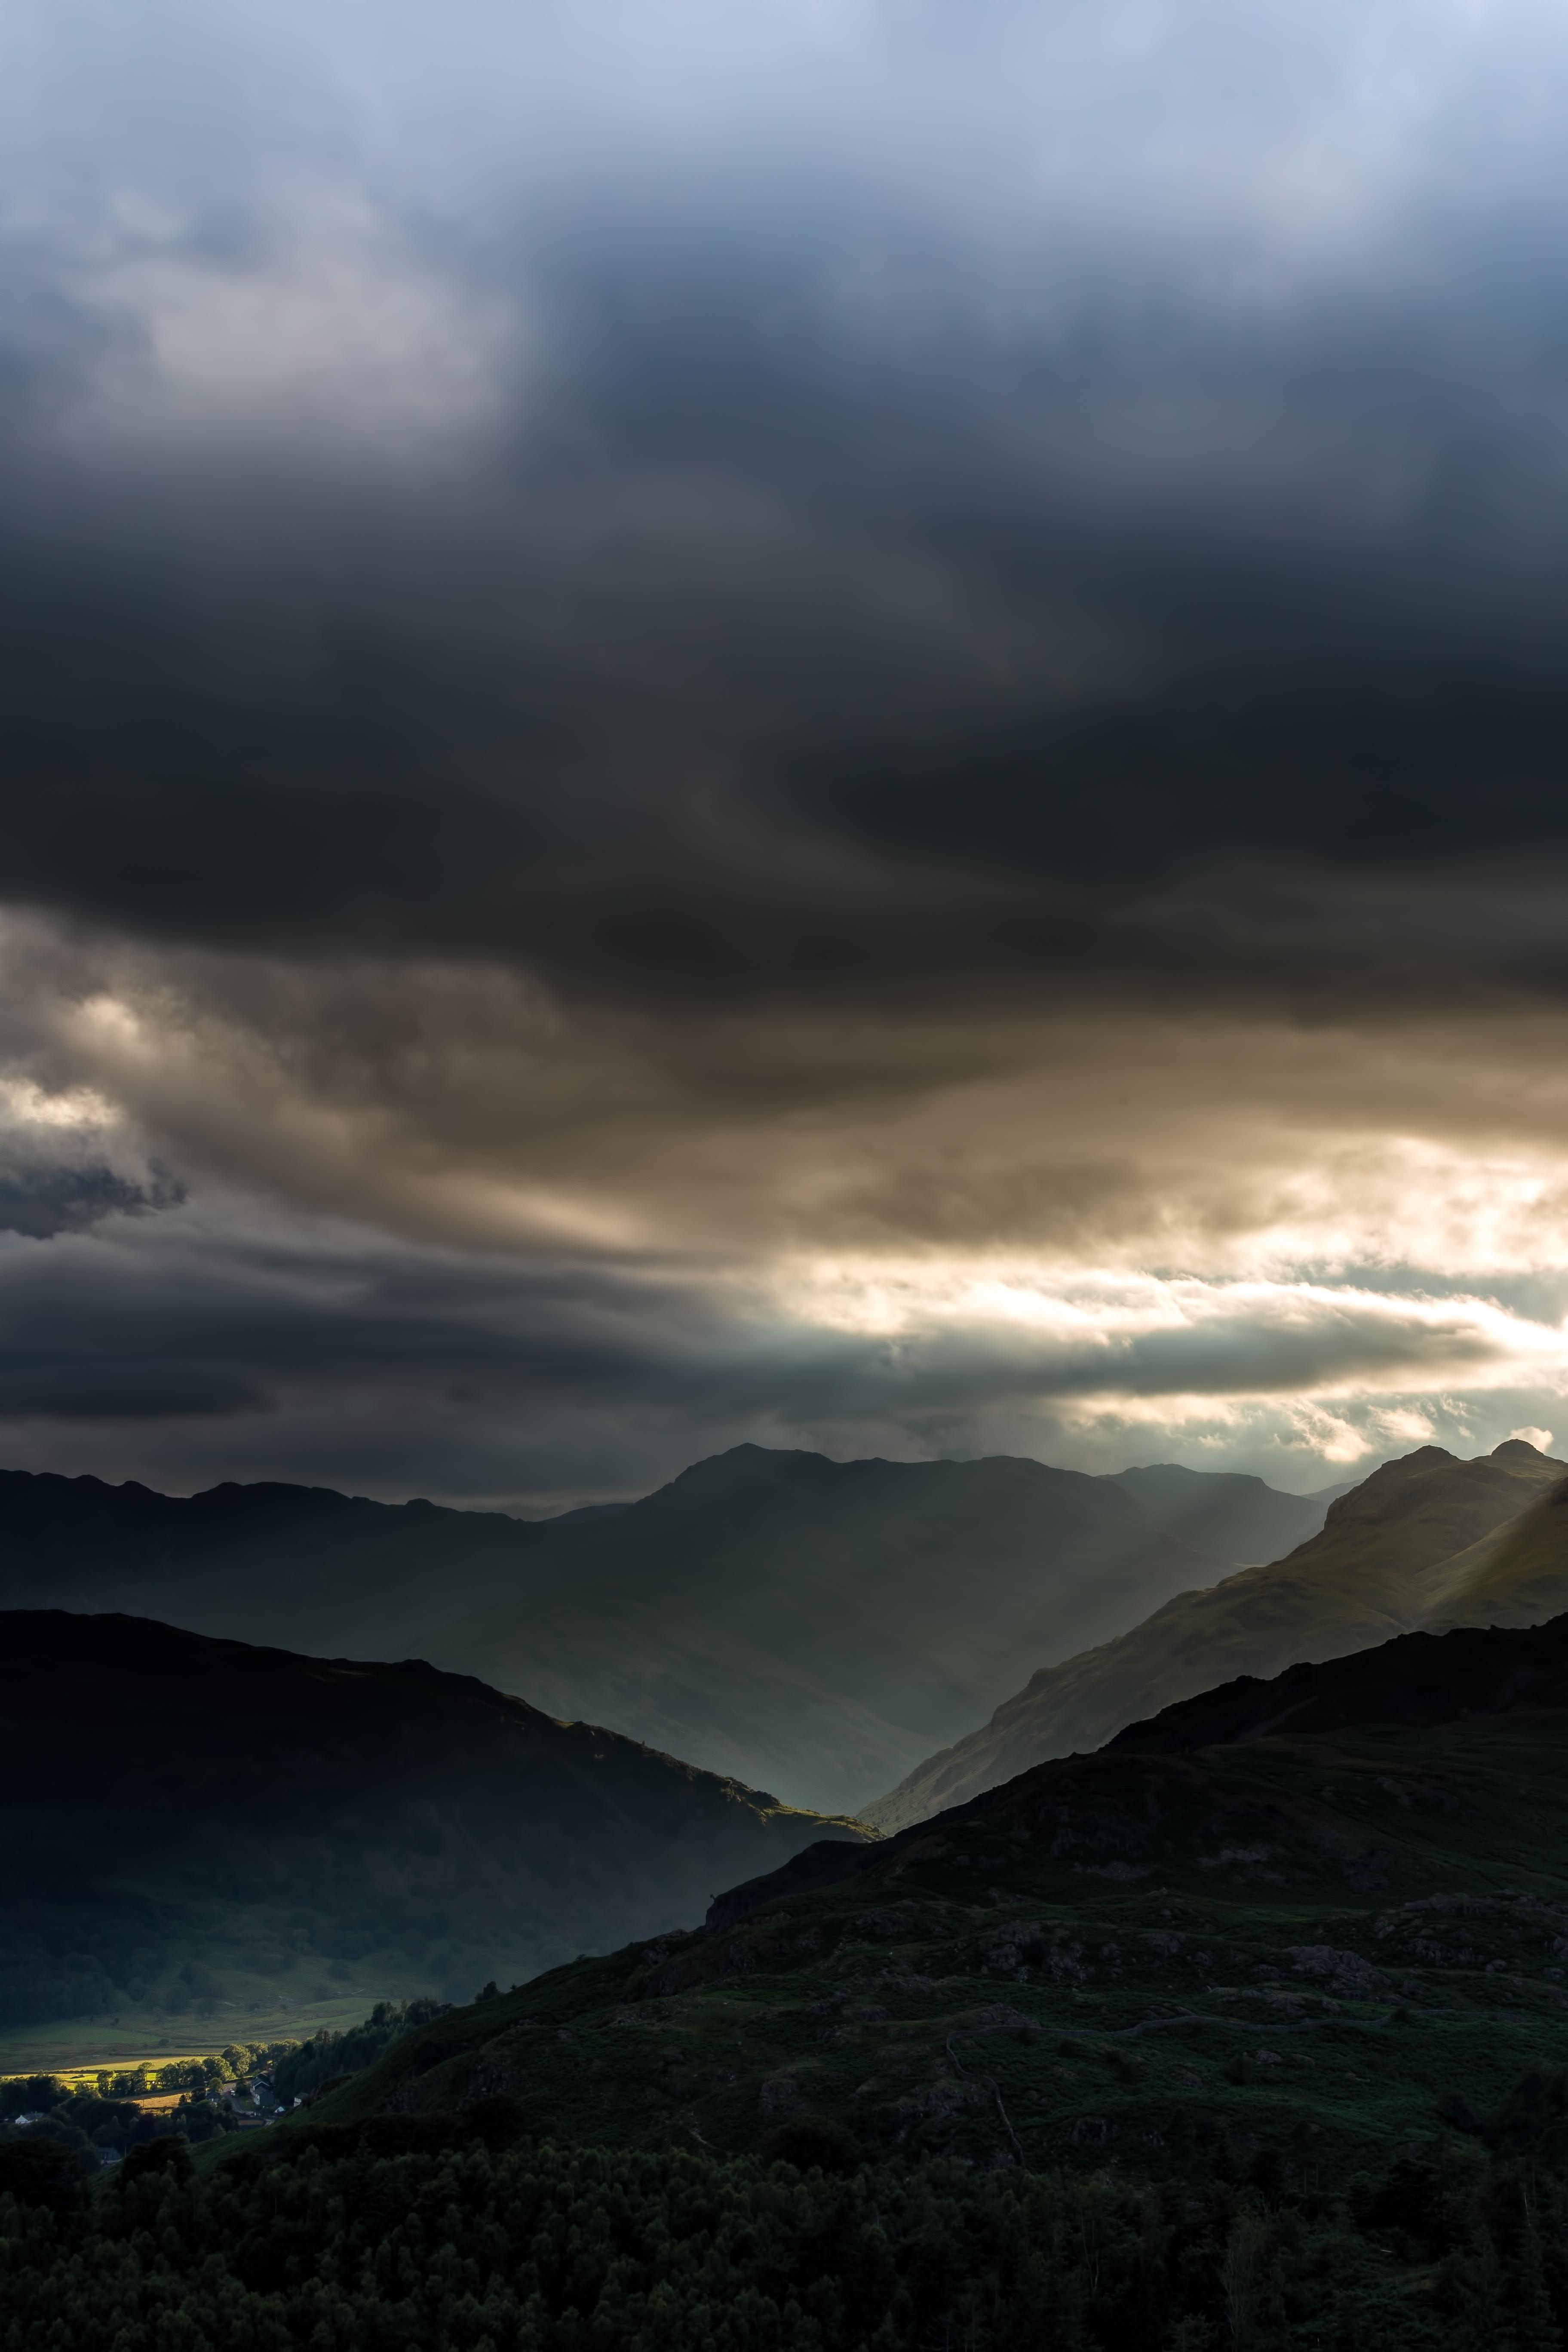 105194 économiseurs d'écran et fonds d'écran Sombre sur votre téléphone. Téléchargez Sombre, Nature, Sky, Montagnes, Forêt, Tristement images gratuitement